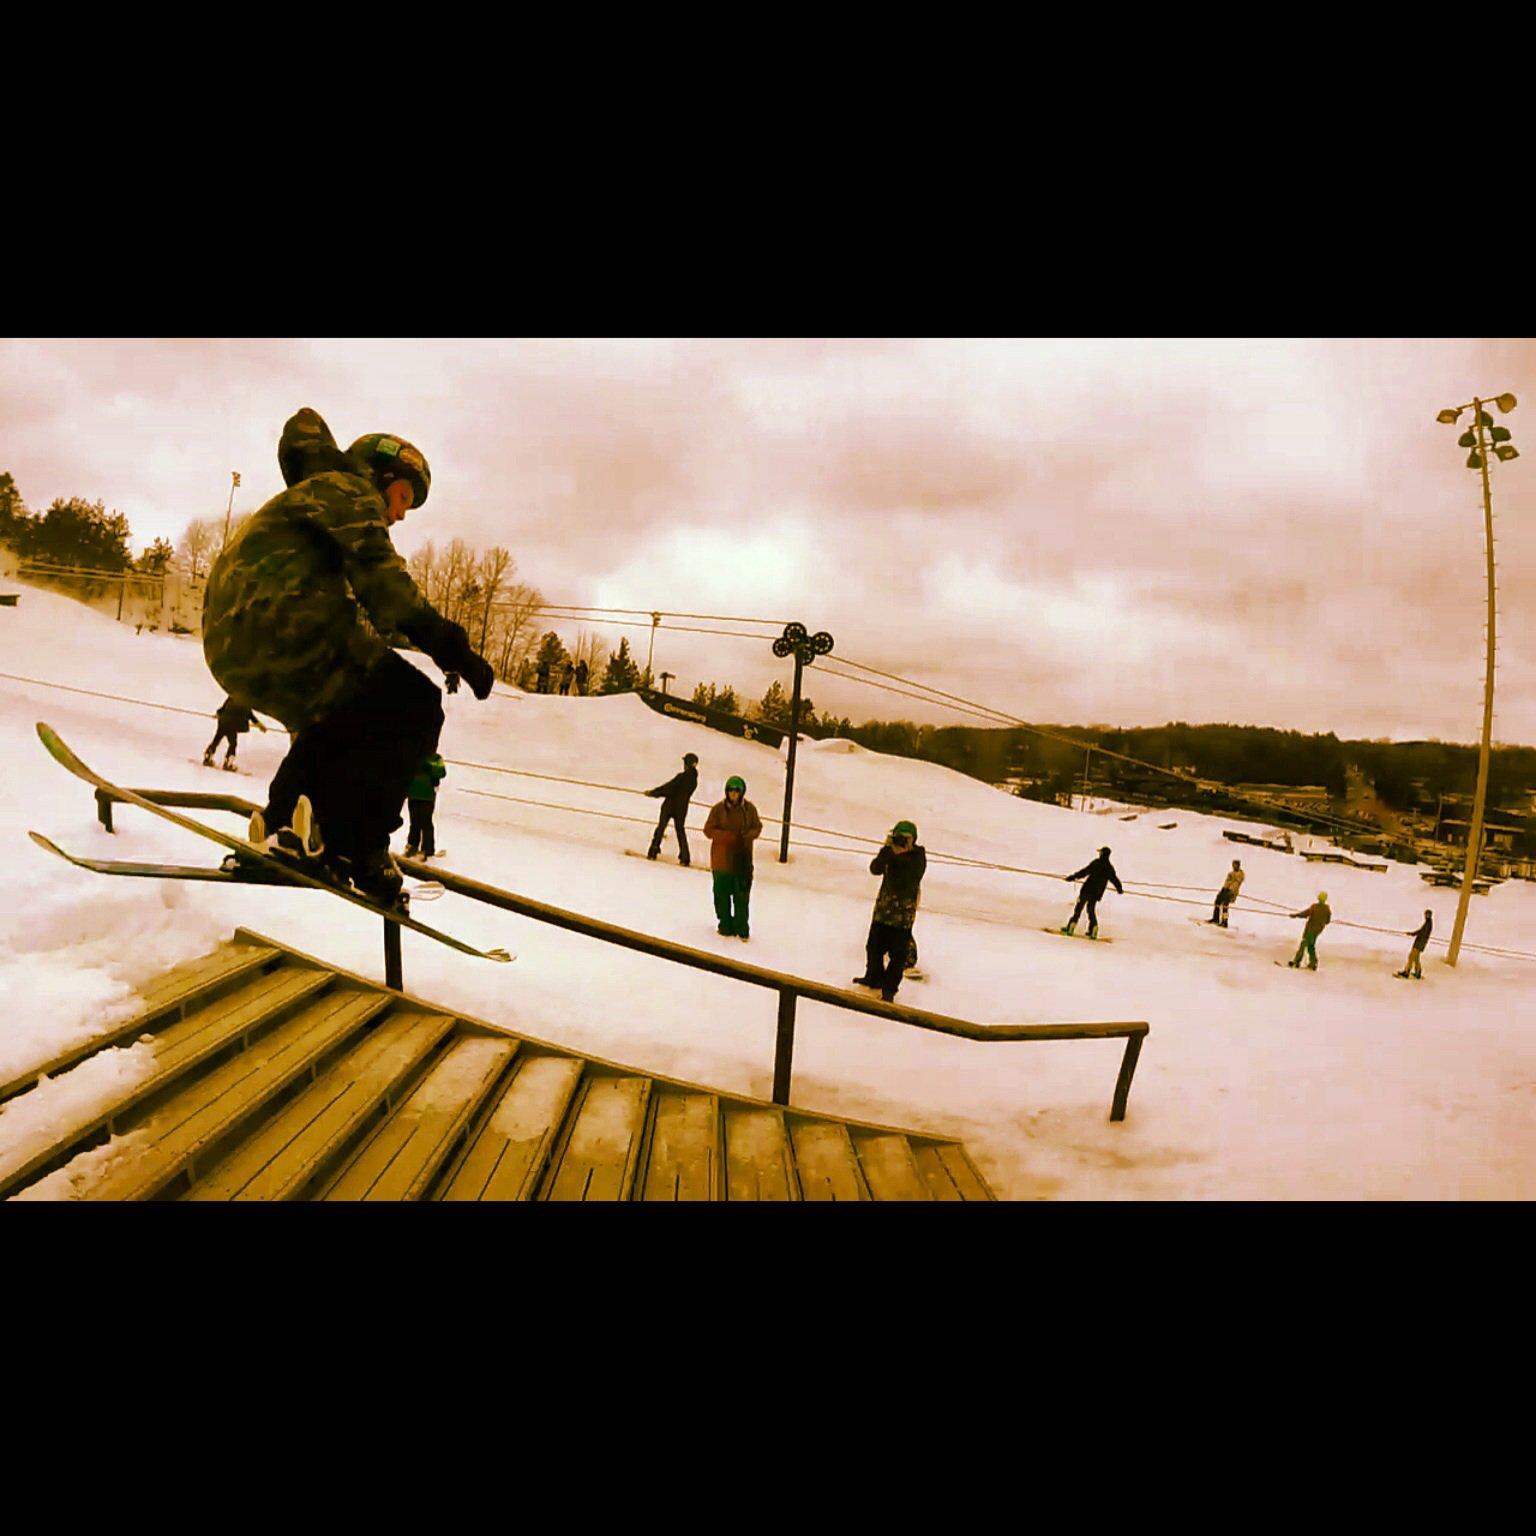 Skiing at Cannonsburg